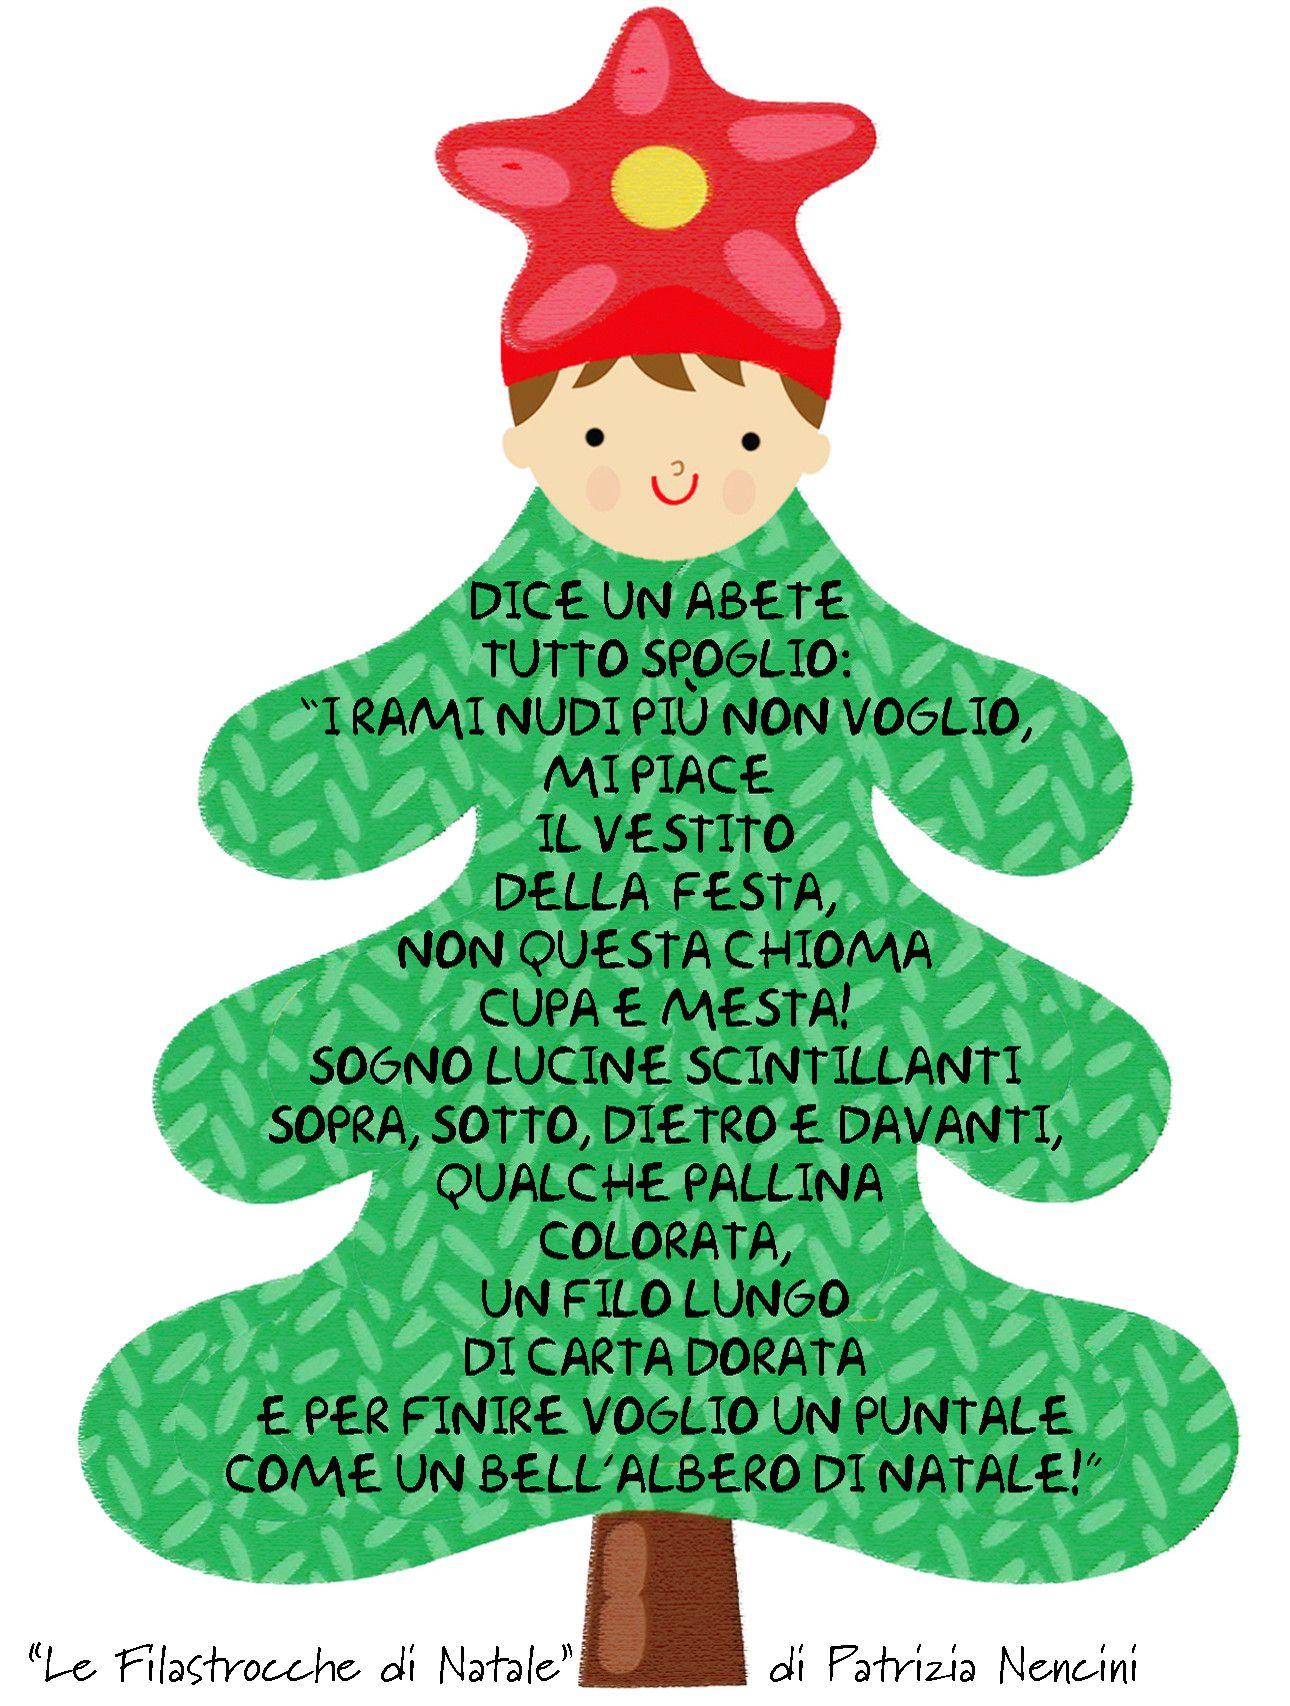 Poesie Di Natale In Rima.Filastrocche Rime Creativita Patrizianencinidee Natale 2017 Natale Bambini Di Natale Filastrocche